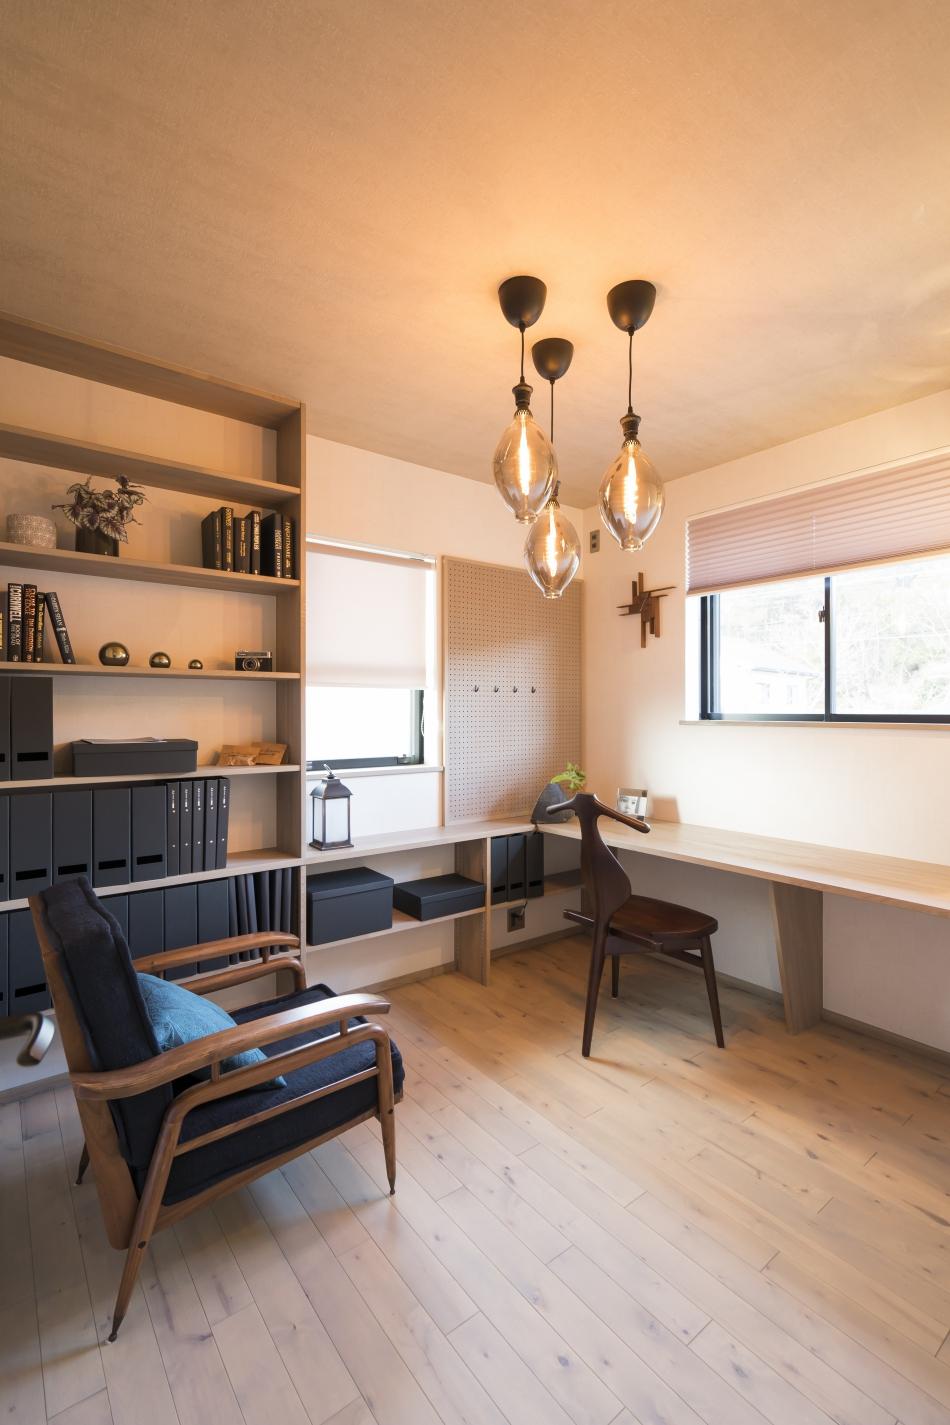 壁一面の収納棚と一体化したデスクの書斎